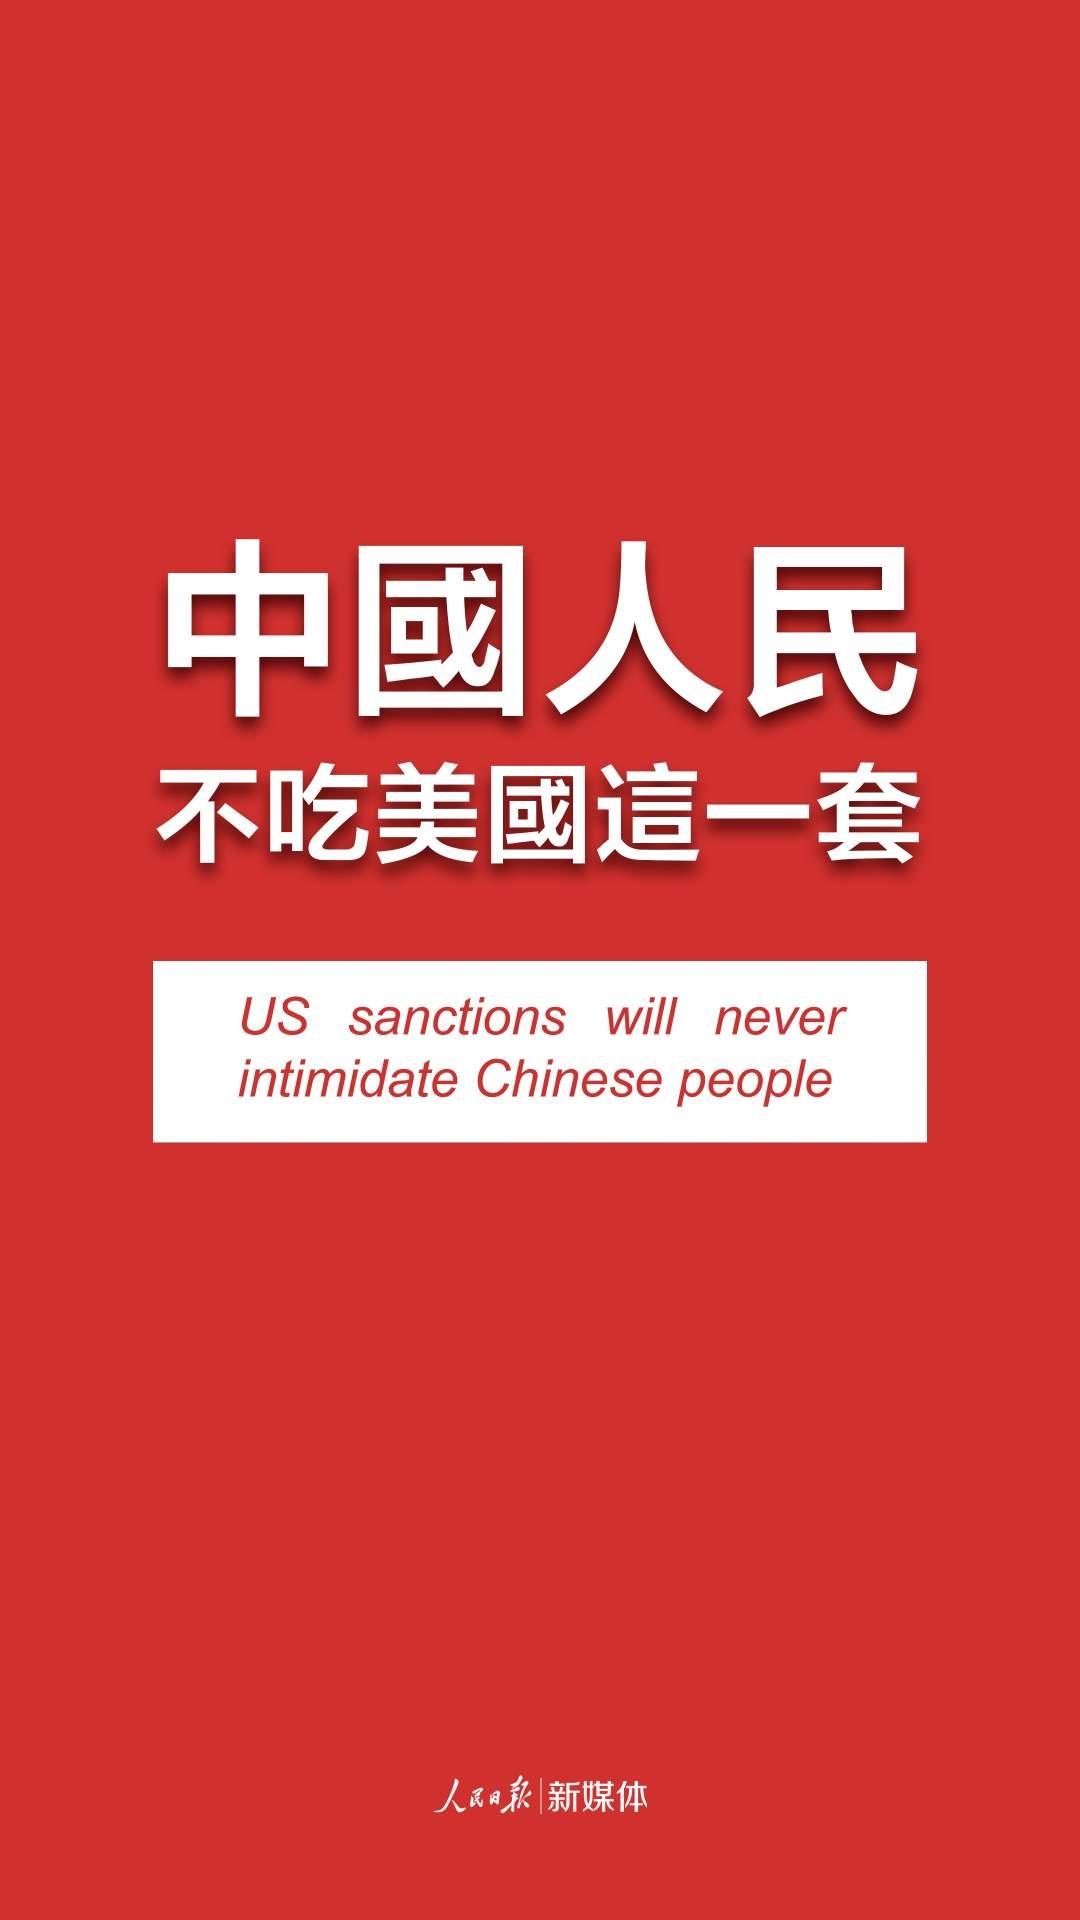 【bibox】_人民锐评:美国越是反对,越说明香港国安立法做对了